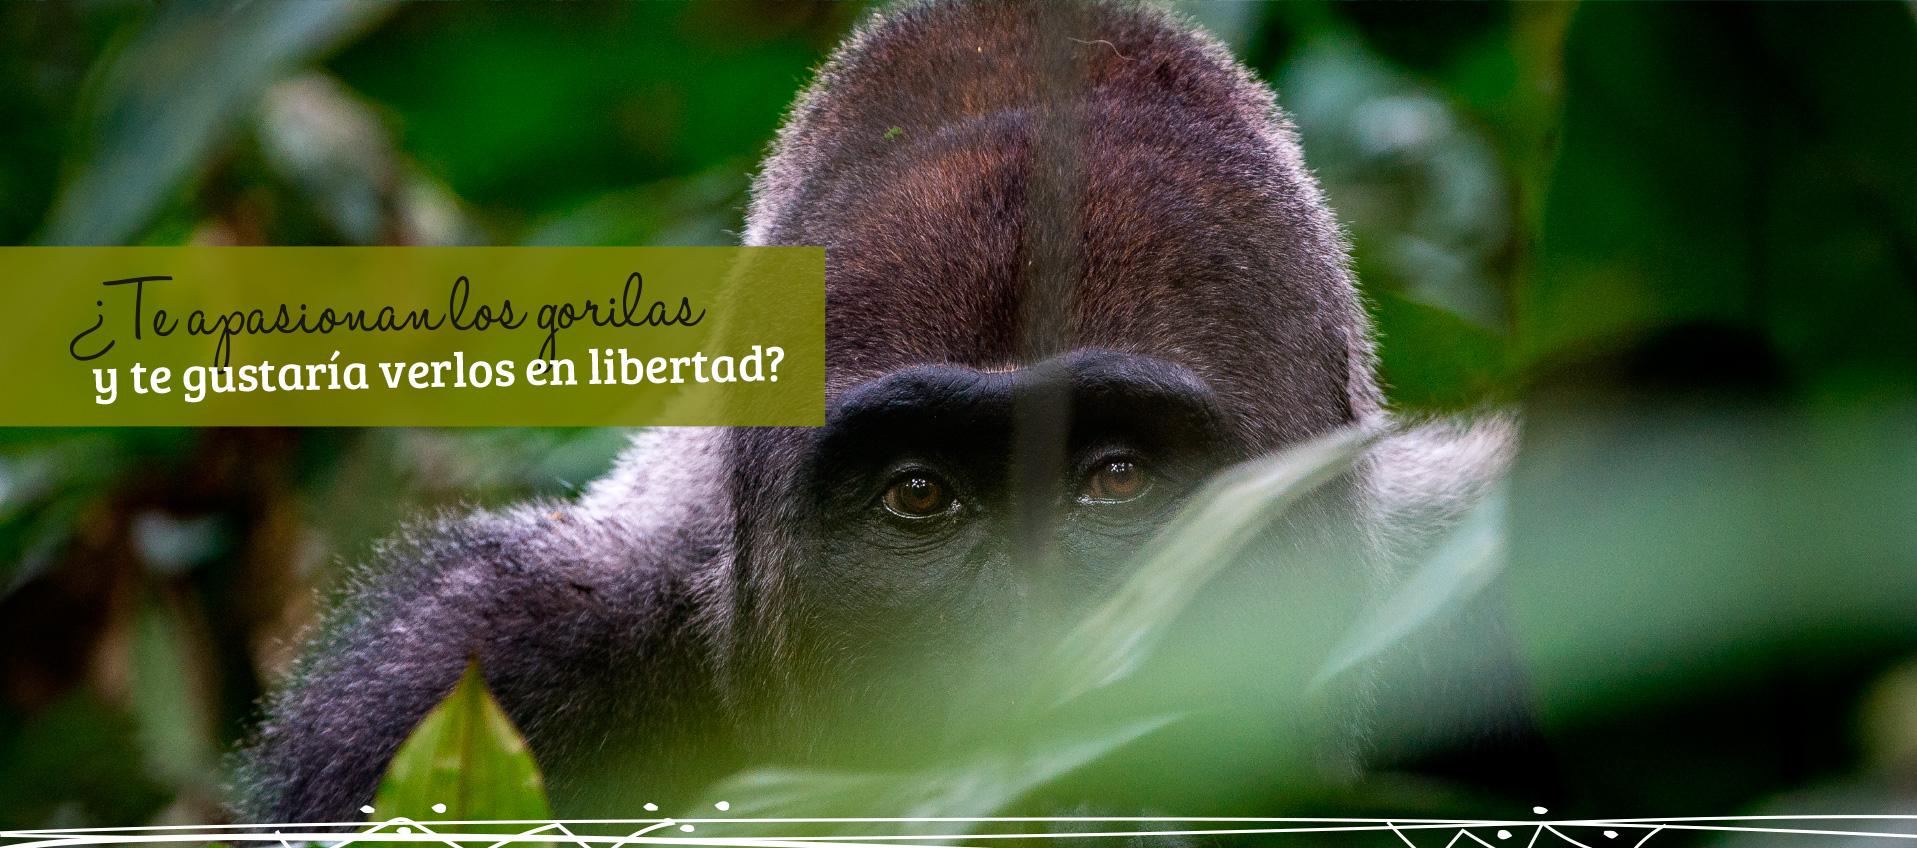 ¿Te apasionan los gorilas y te gustaría verlos en libertad?